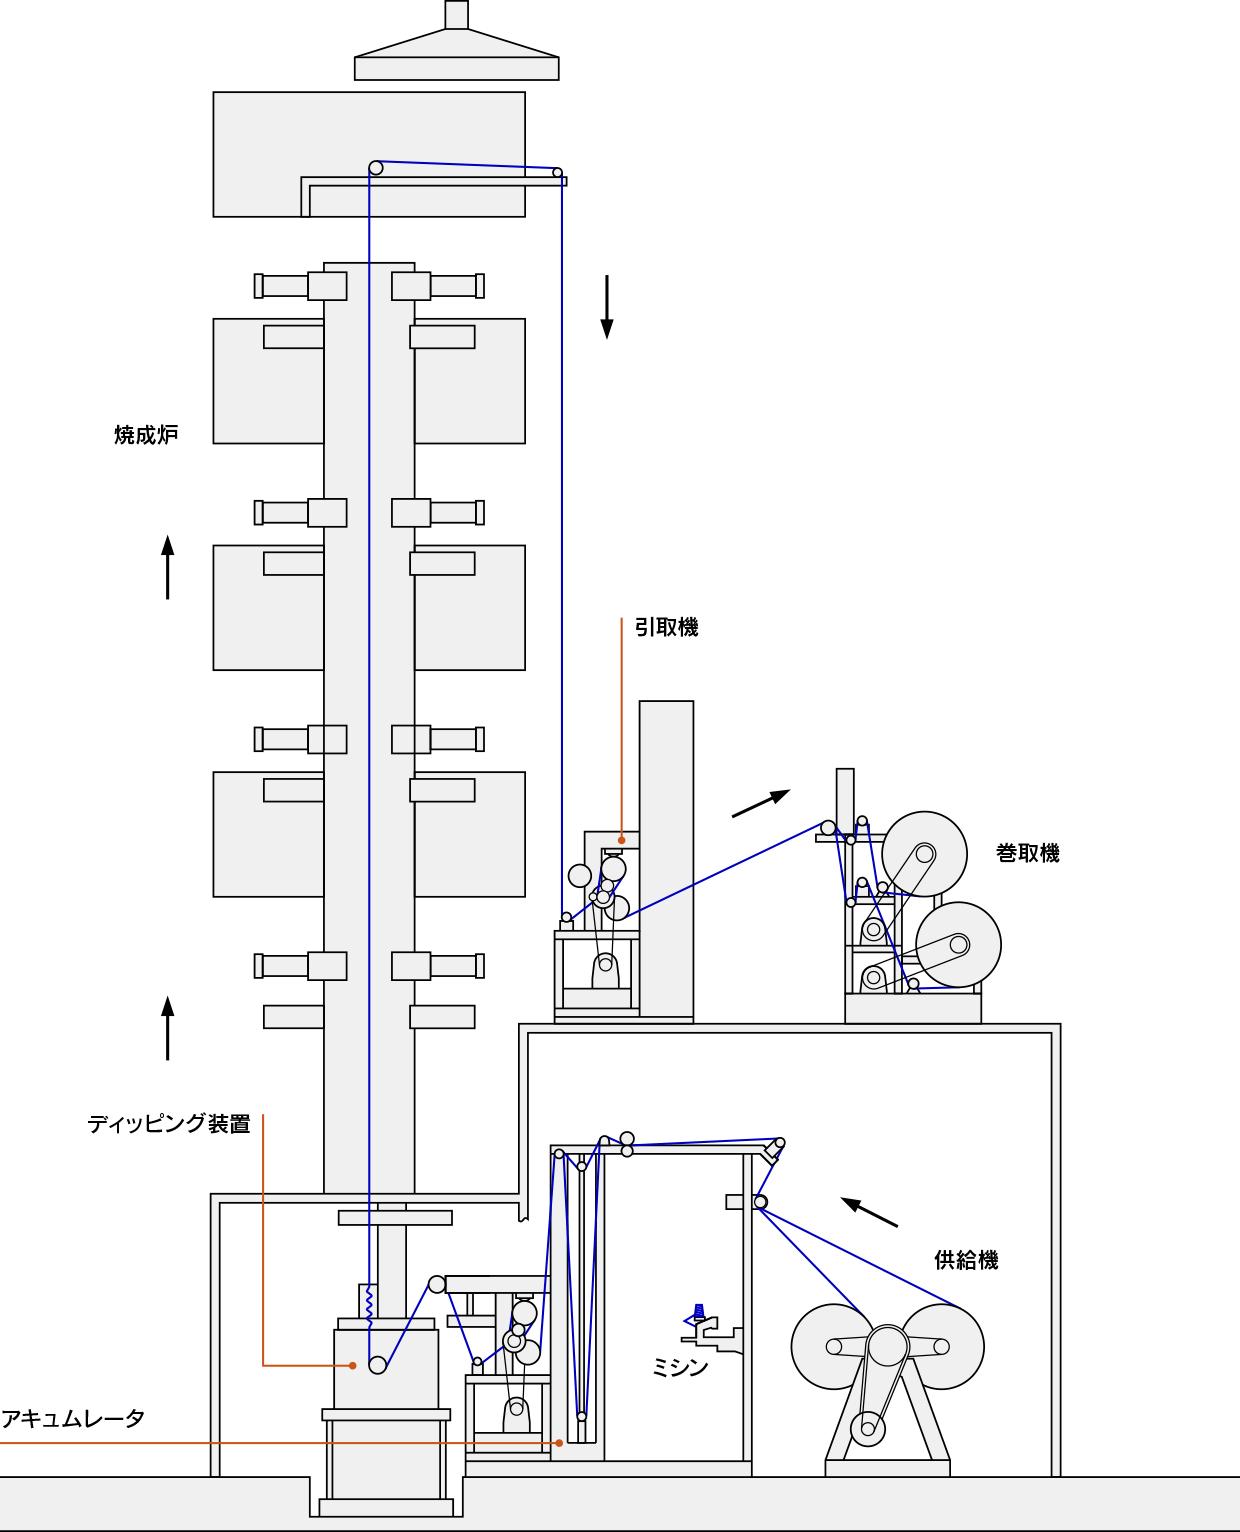 田端機械工業 フッ素樹脂 (PTFE) 成形装置 PTFEディスパージョン:ディップコート装置_ガラスクロスコーティング装置